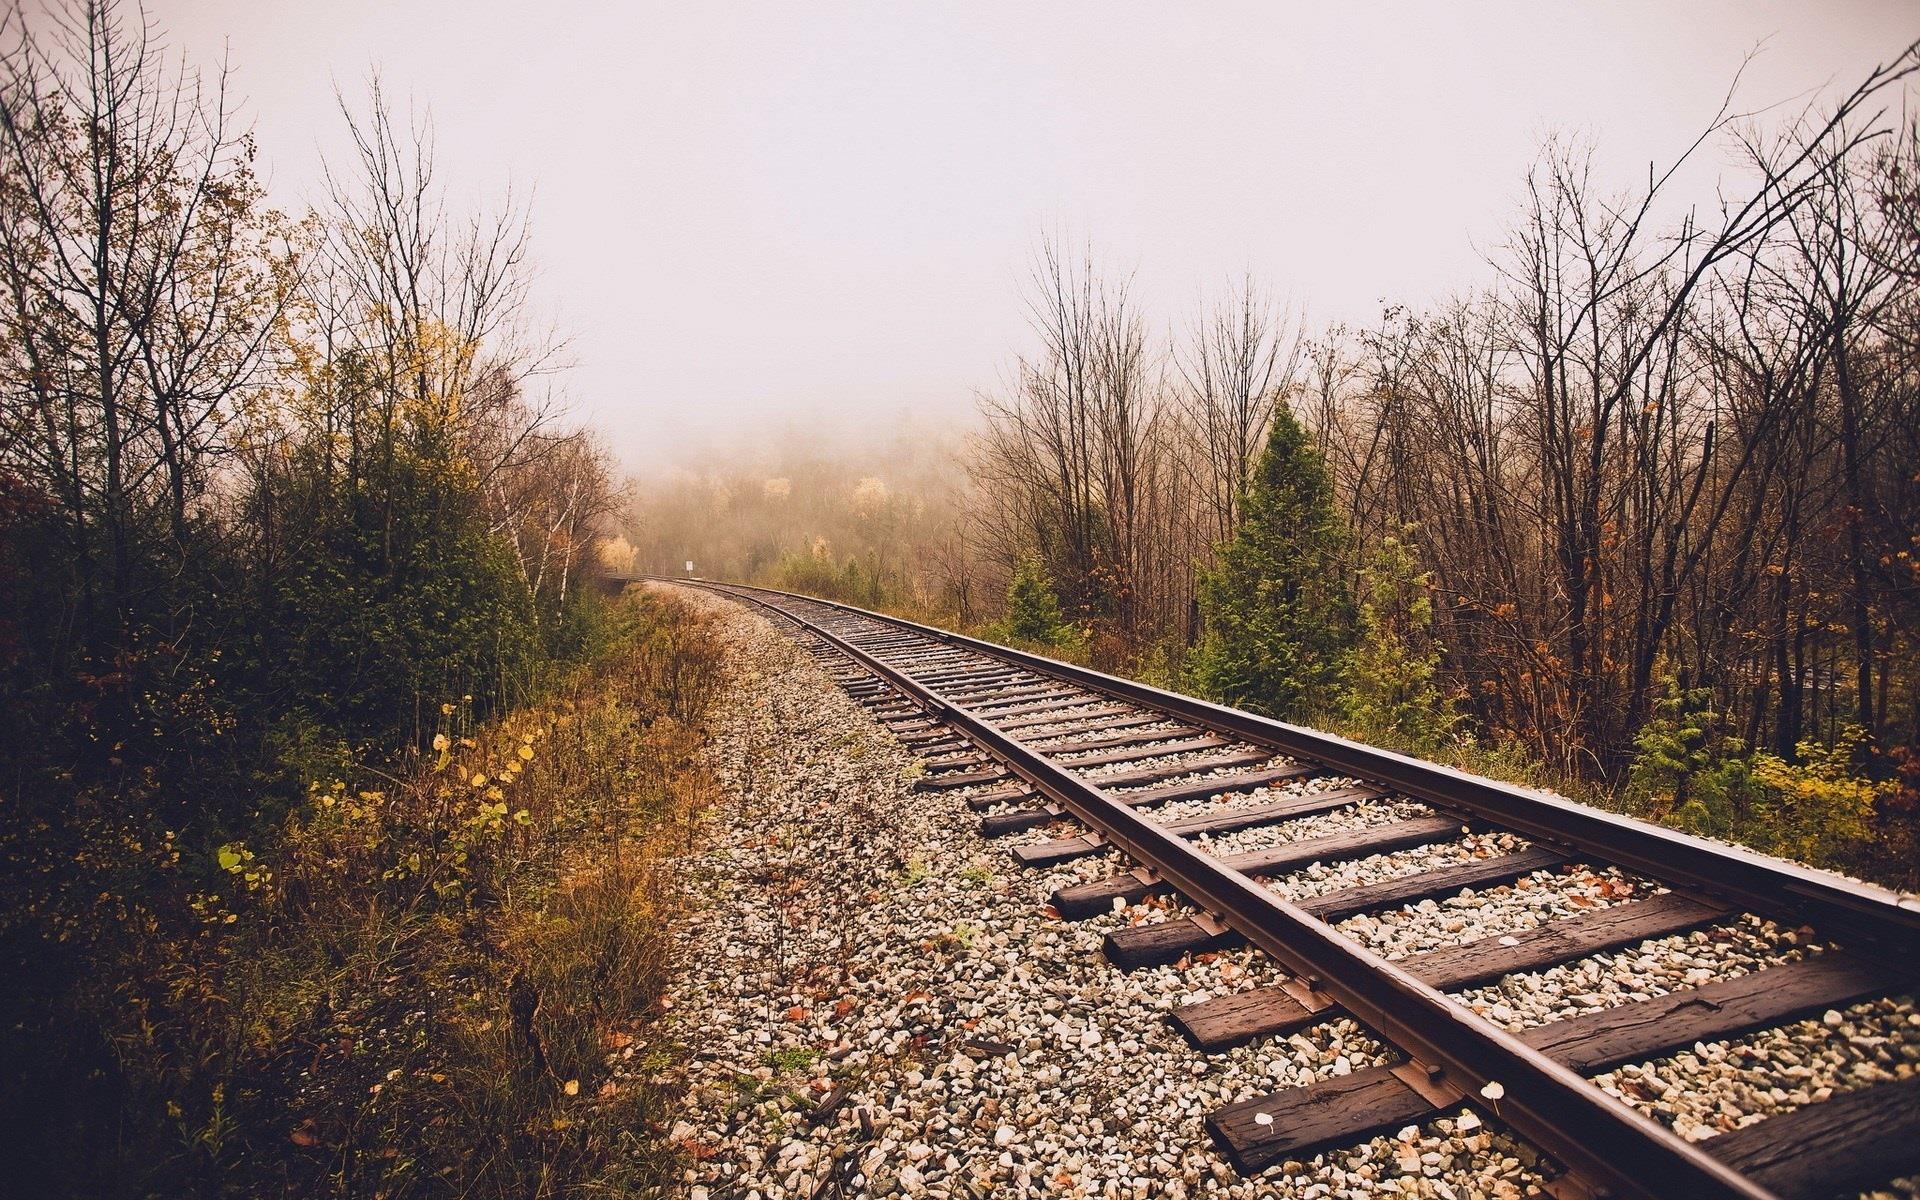 Una ferrovia - Sfondi per PC, iPhone, Android e profilo WhatsApp da scaricare